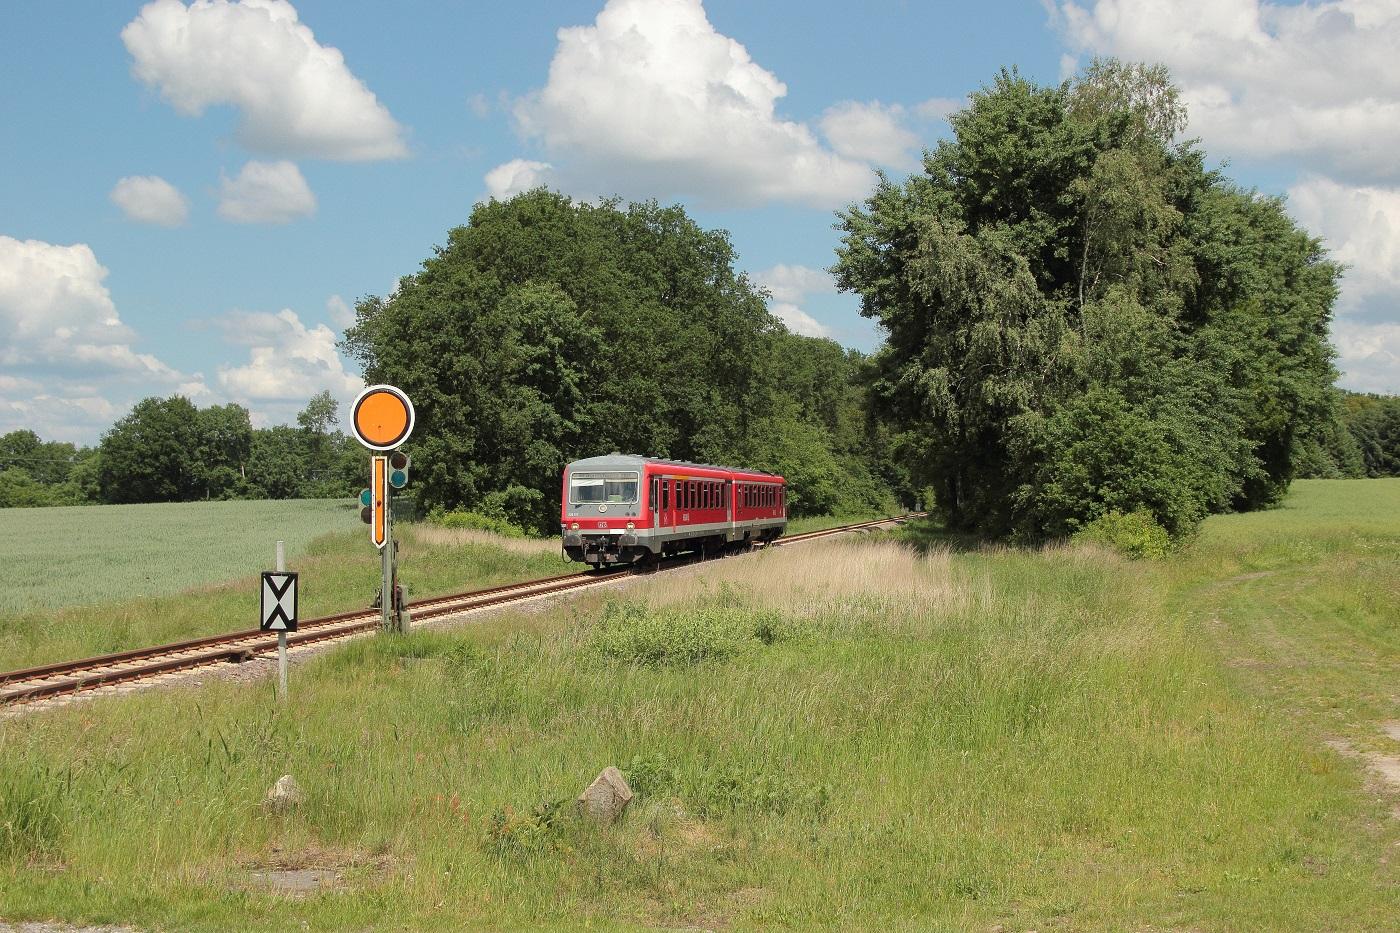 http://www.nachtbahner.de/Fotos/2014-05-30%20KBS%20115%20M%c3%bchlenbahn%20Uelzen%20-%20Braunschweig%20/k-IMG_6392%20KBS%20115%20M%c3%bchlenbahn%2030.05.14%20(4).JPG